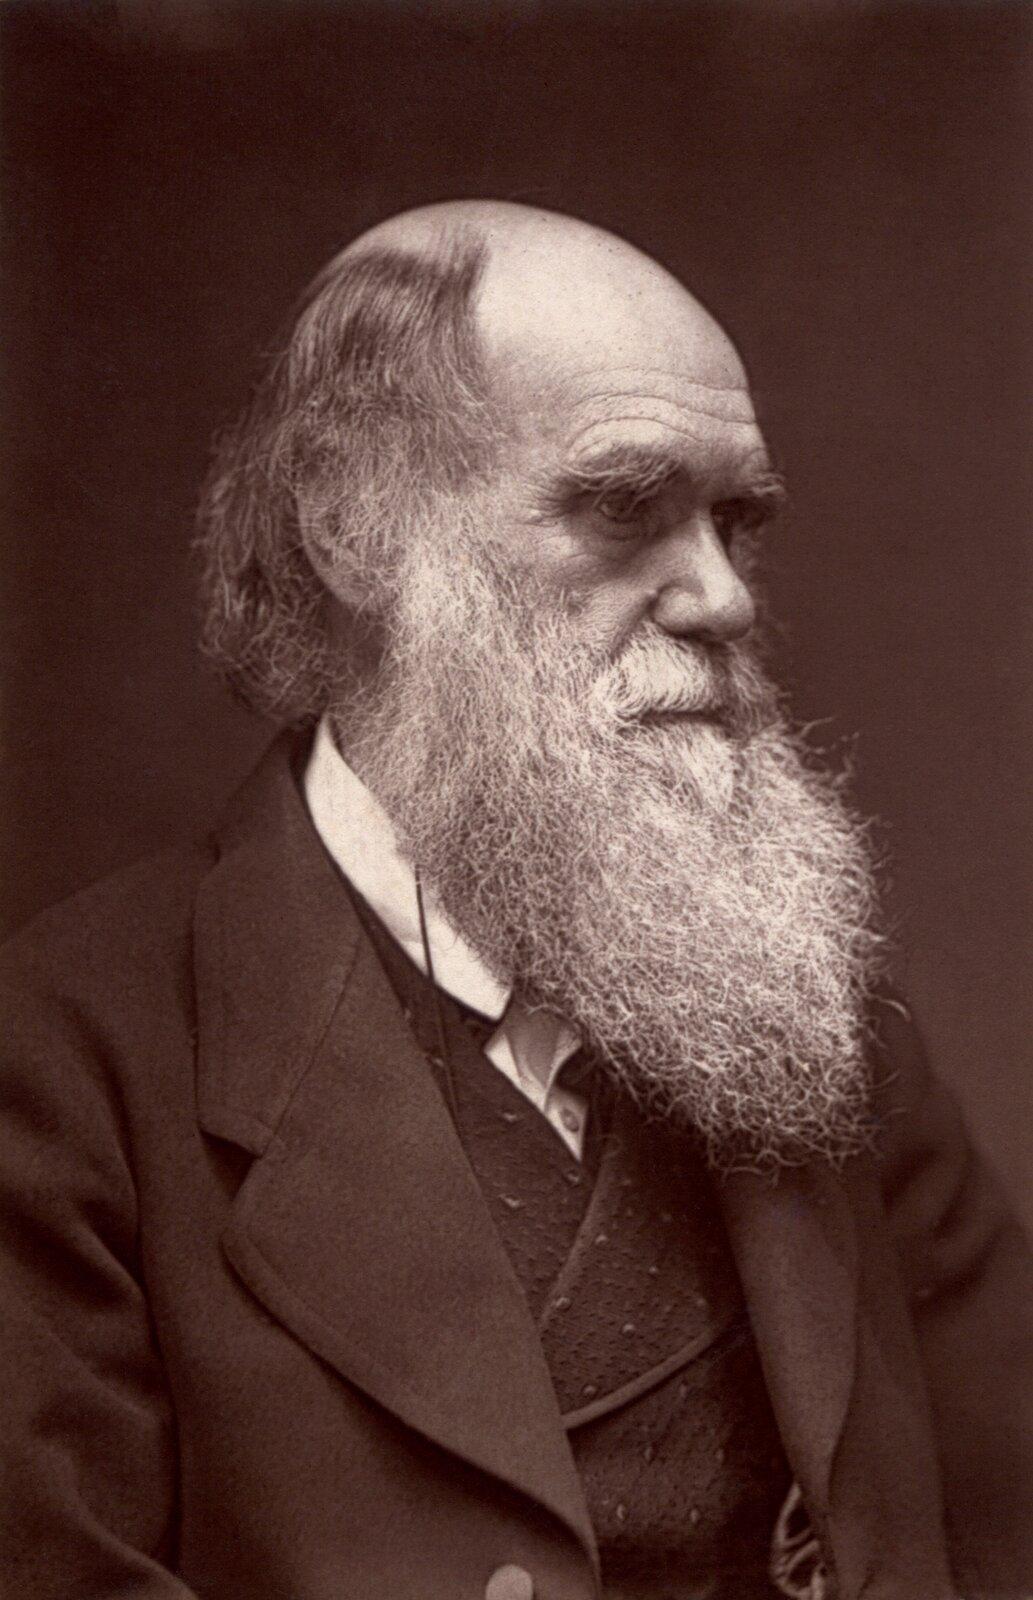 Ilustracja przedstawia profil starszego mężczyzny zdługą brodą.